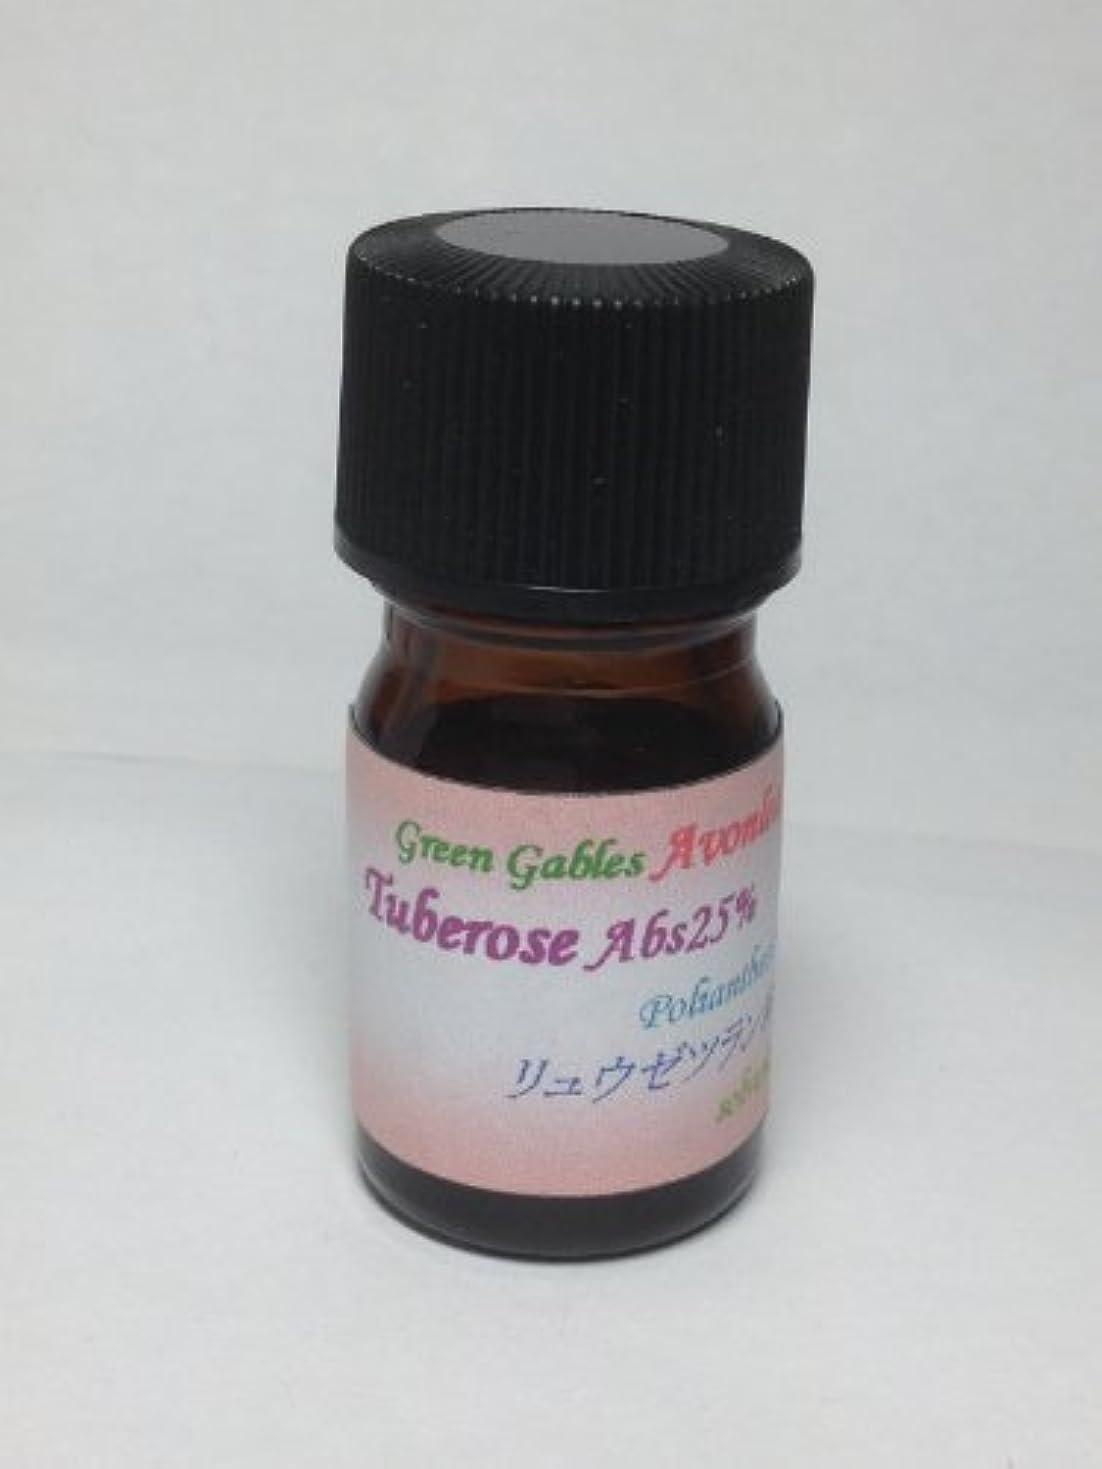 溶接ハッピー成熟したチュベローズ Abs25% エッセンシャルオイル 高級精油 5ml